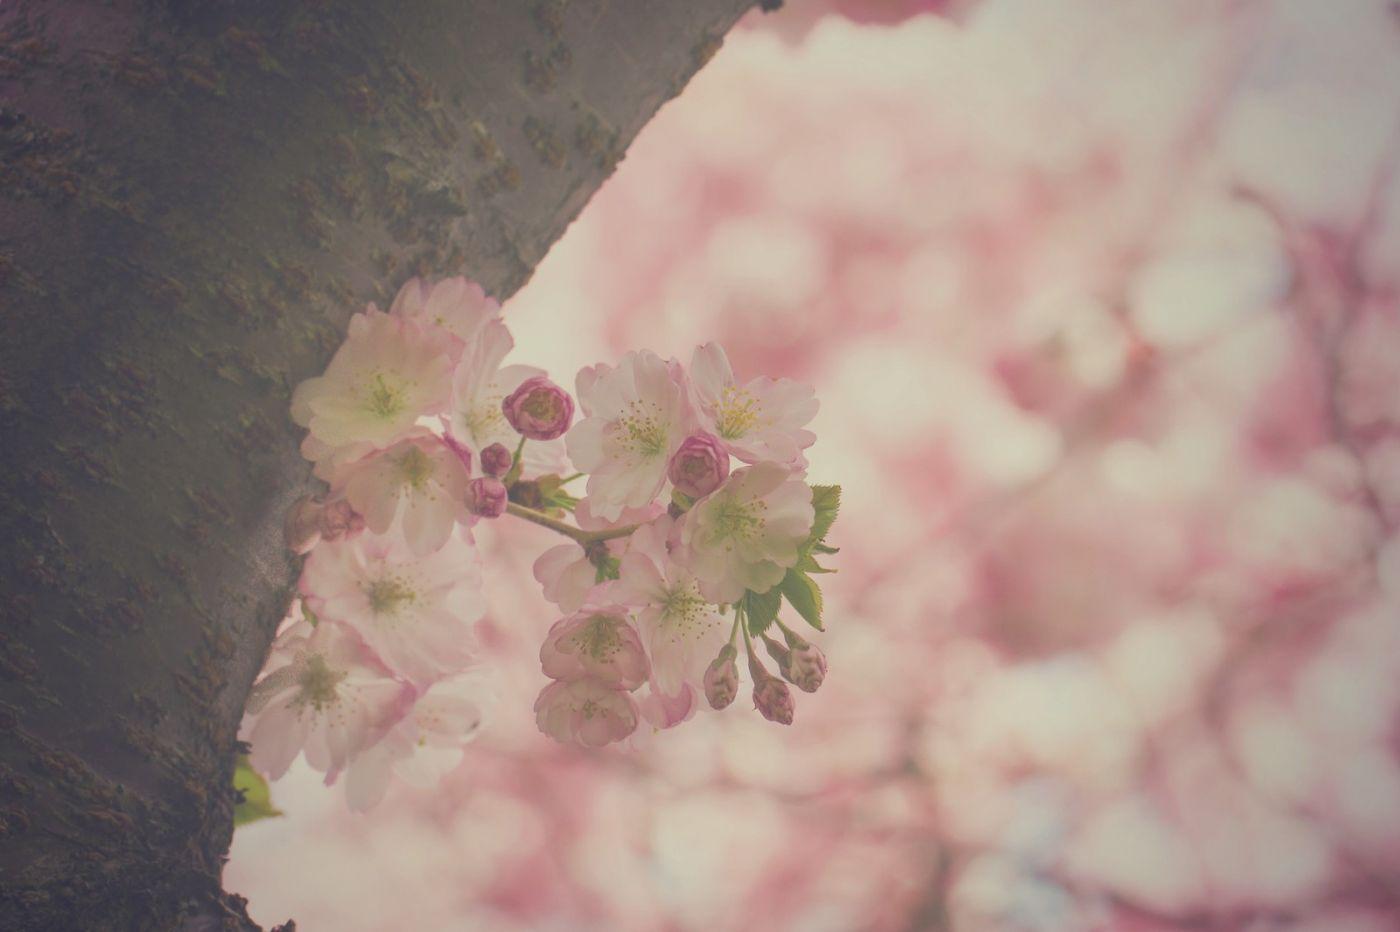 粉红的水嫩的,好看极了_图1-30